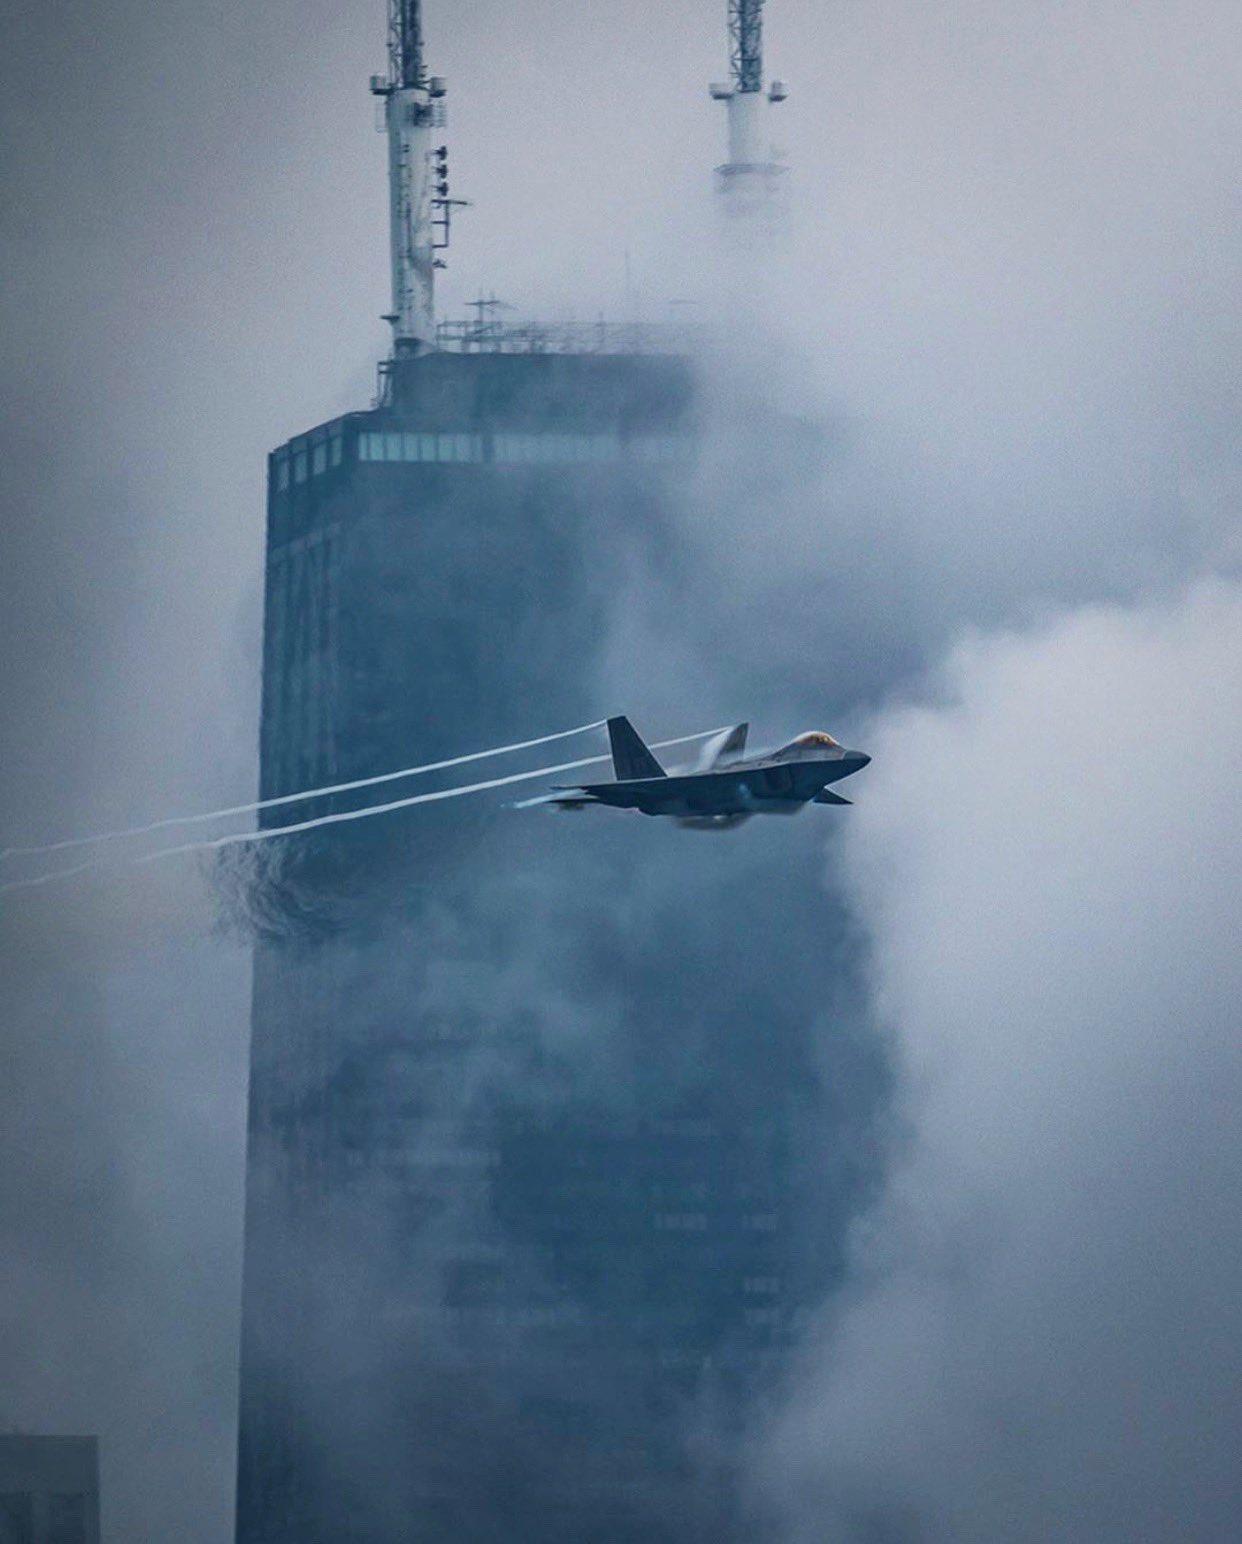 22在芝加哥超低空飞行表演